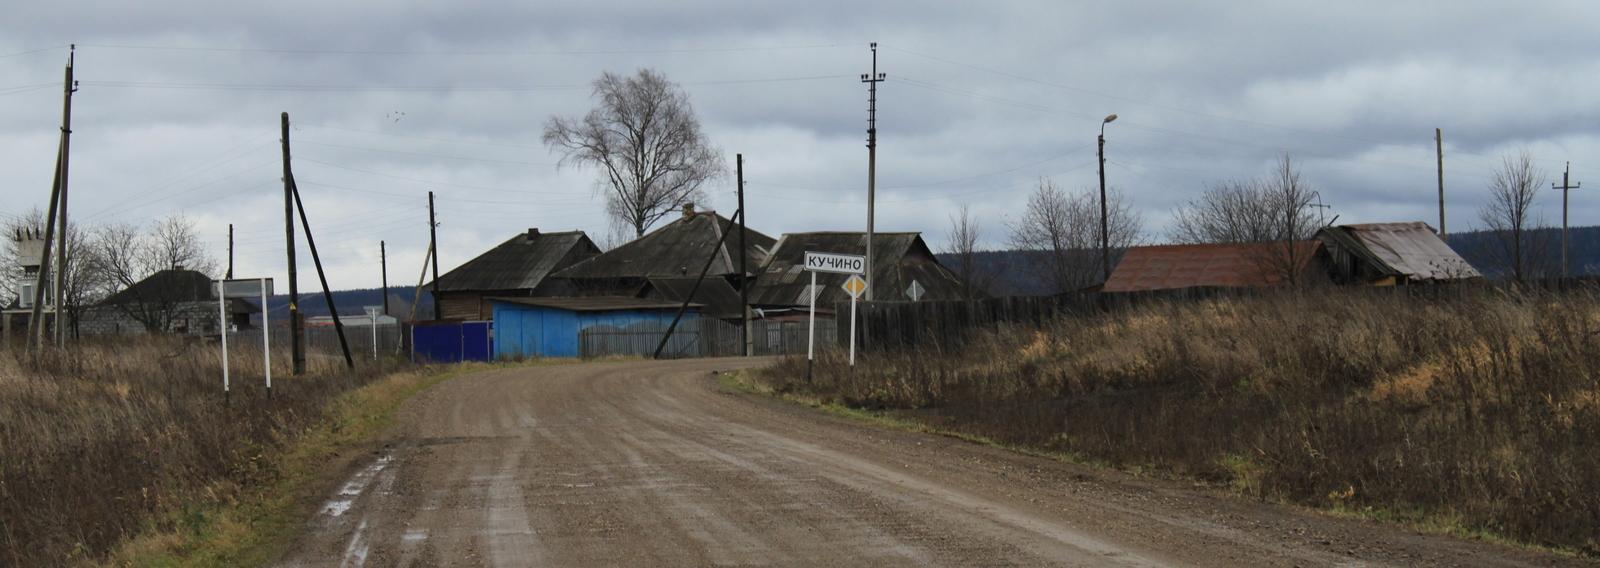 Gulag 39, Kutchino